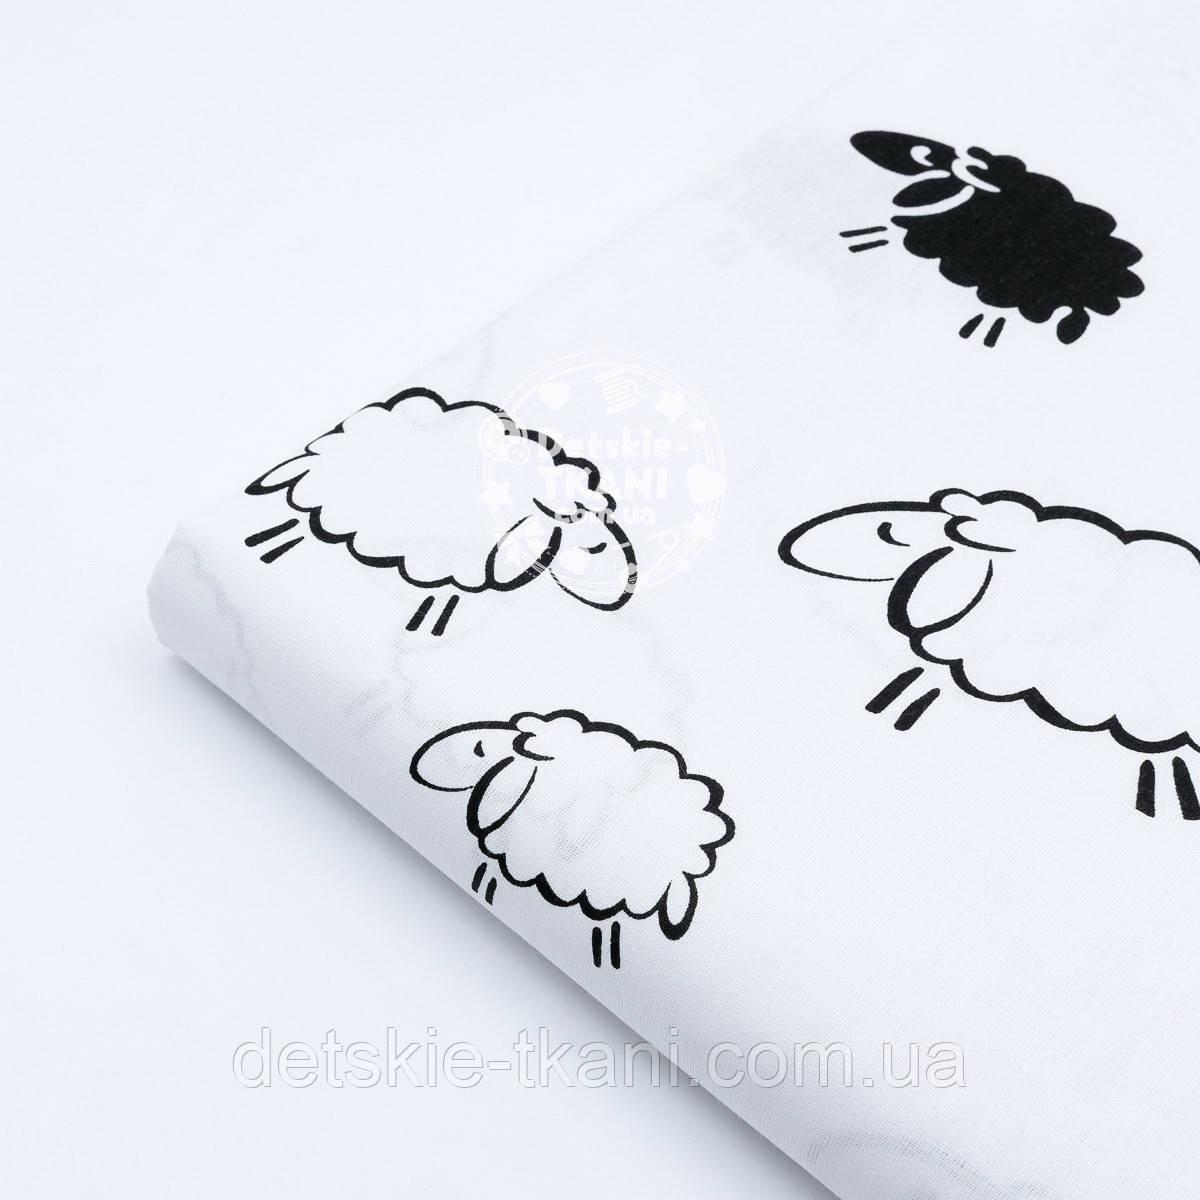 """Лоскут ткани """"Контурные и чёрные овечки"""" на белом фоне, №1666, размер 41*80 см"""